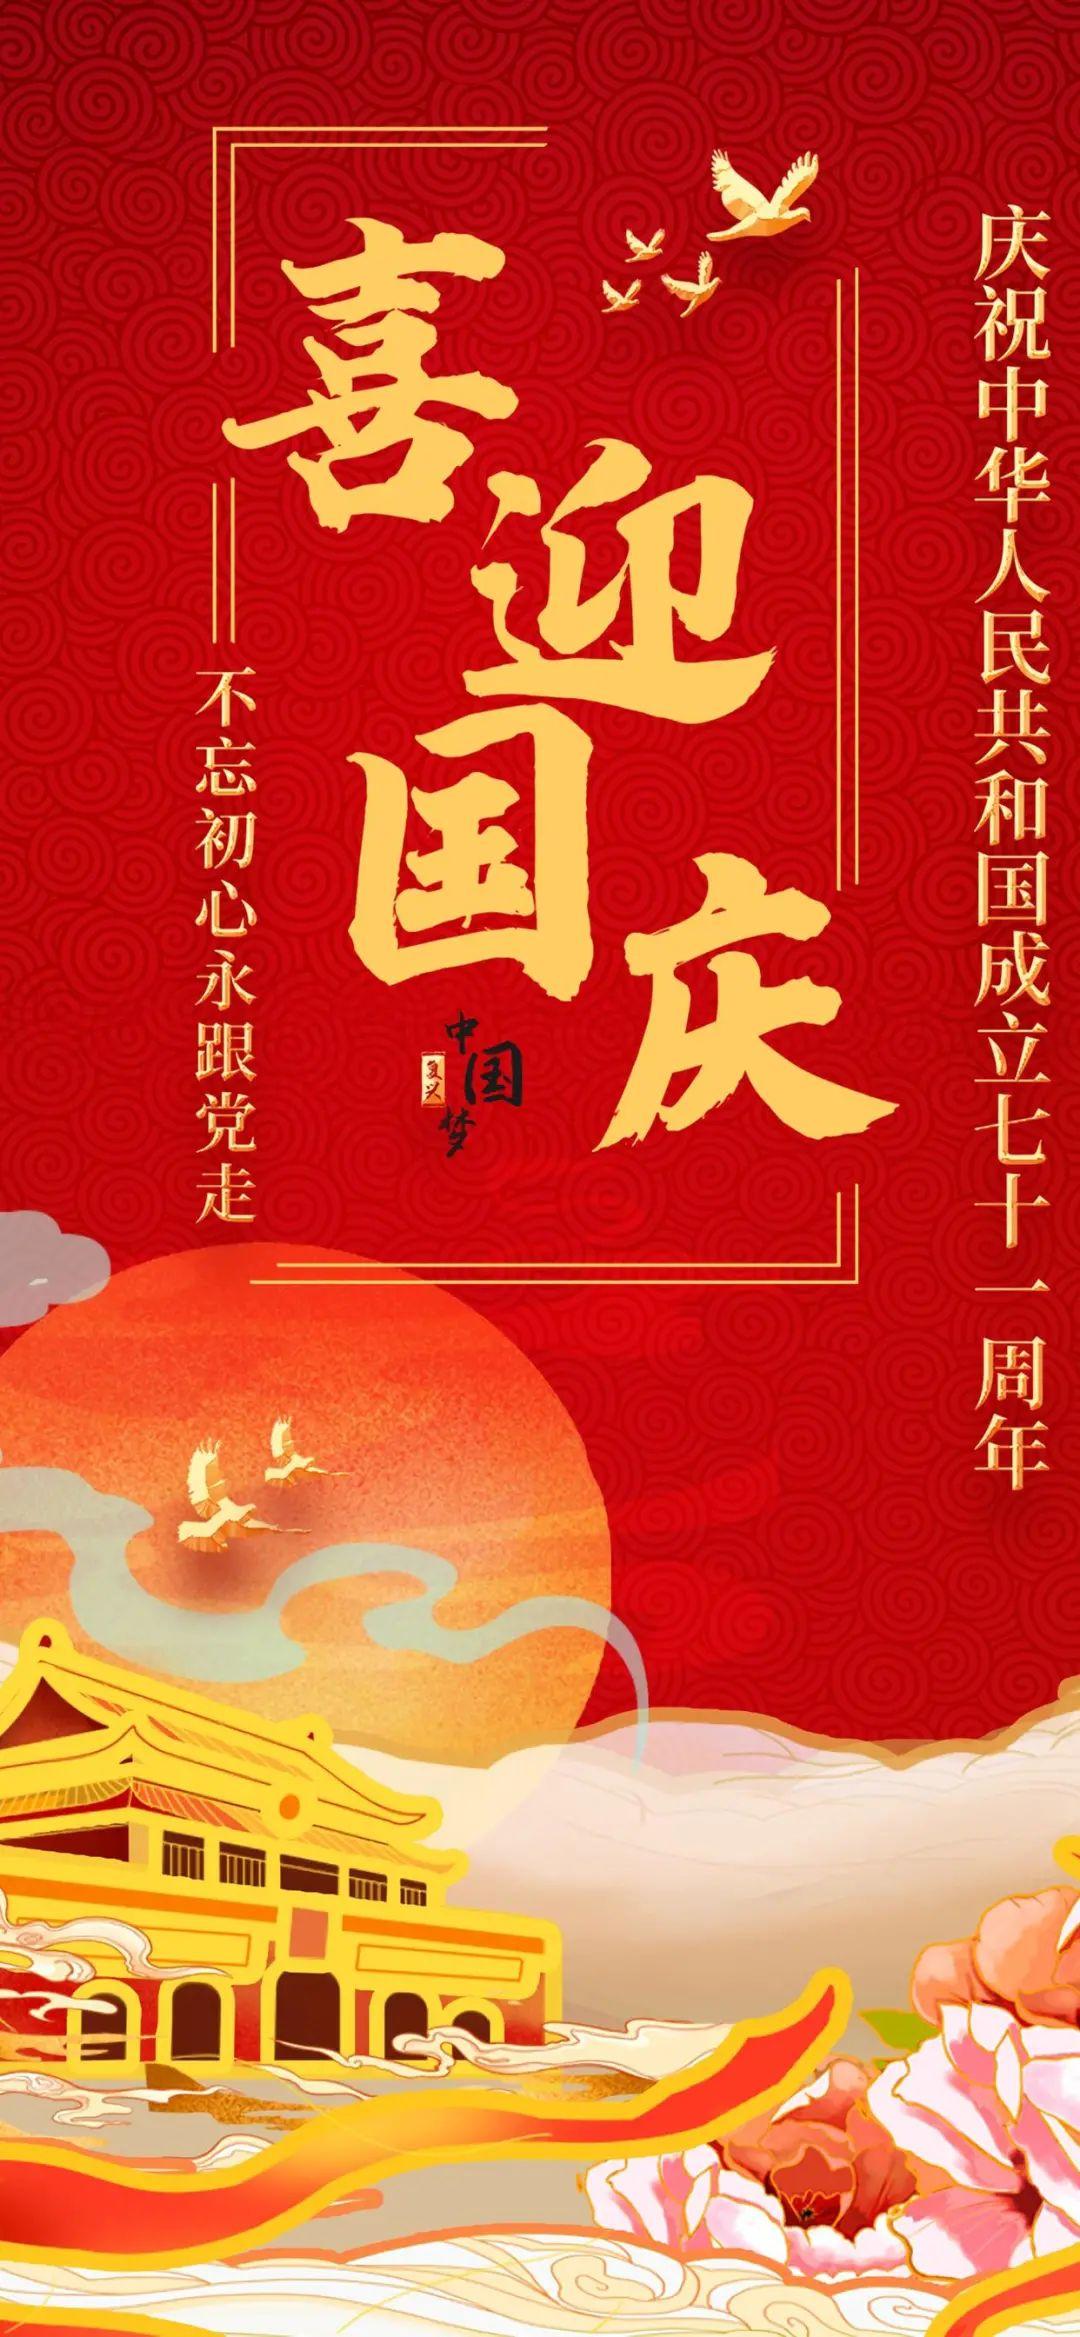 10.1国庆节快乐配图图片大全,国庆节祝福语文案语录